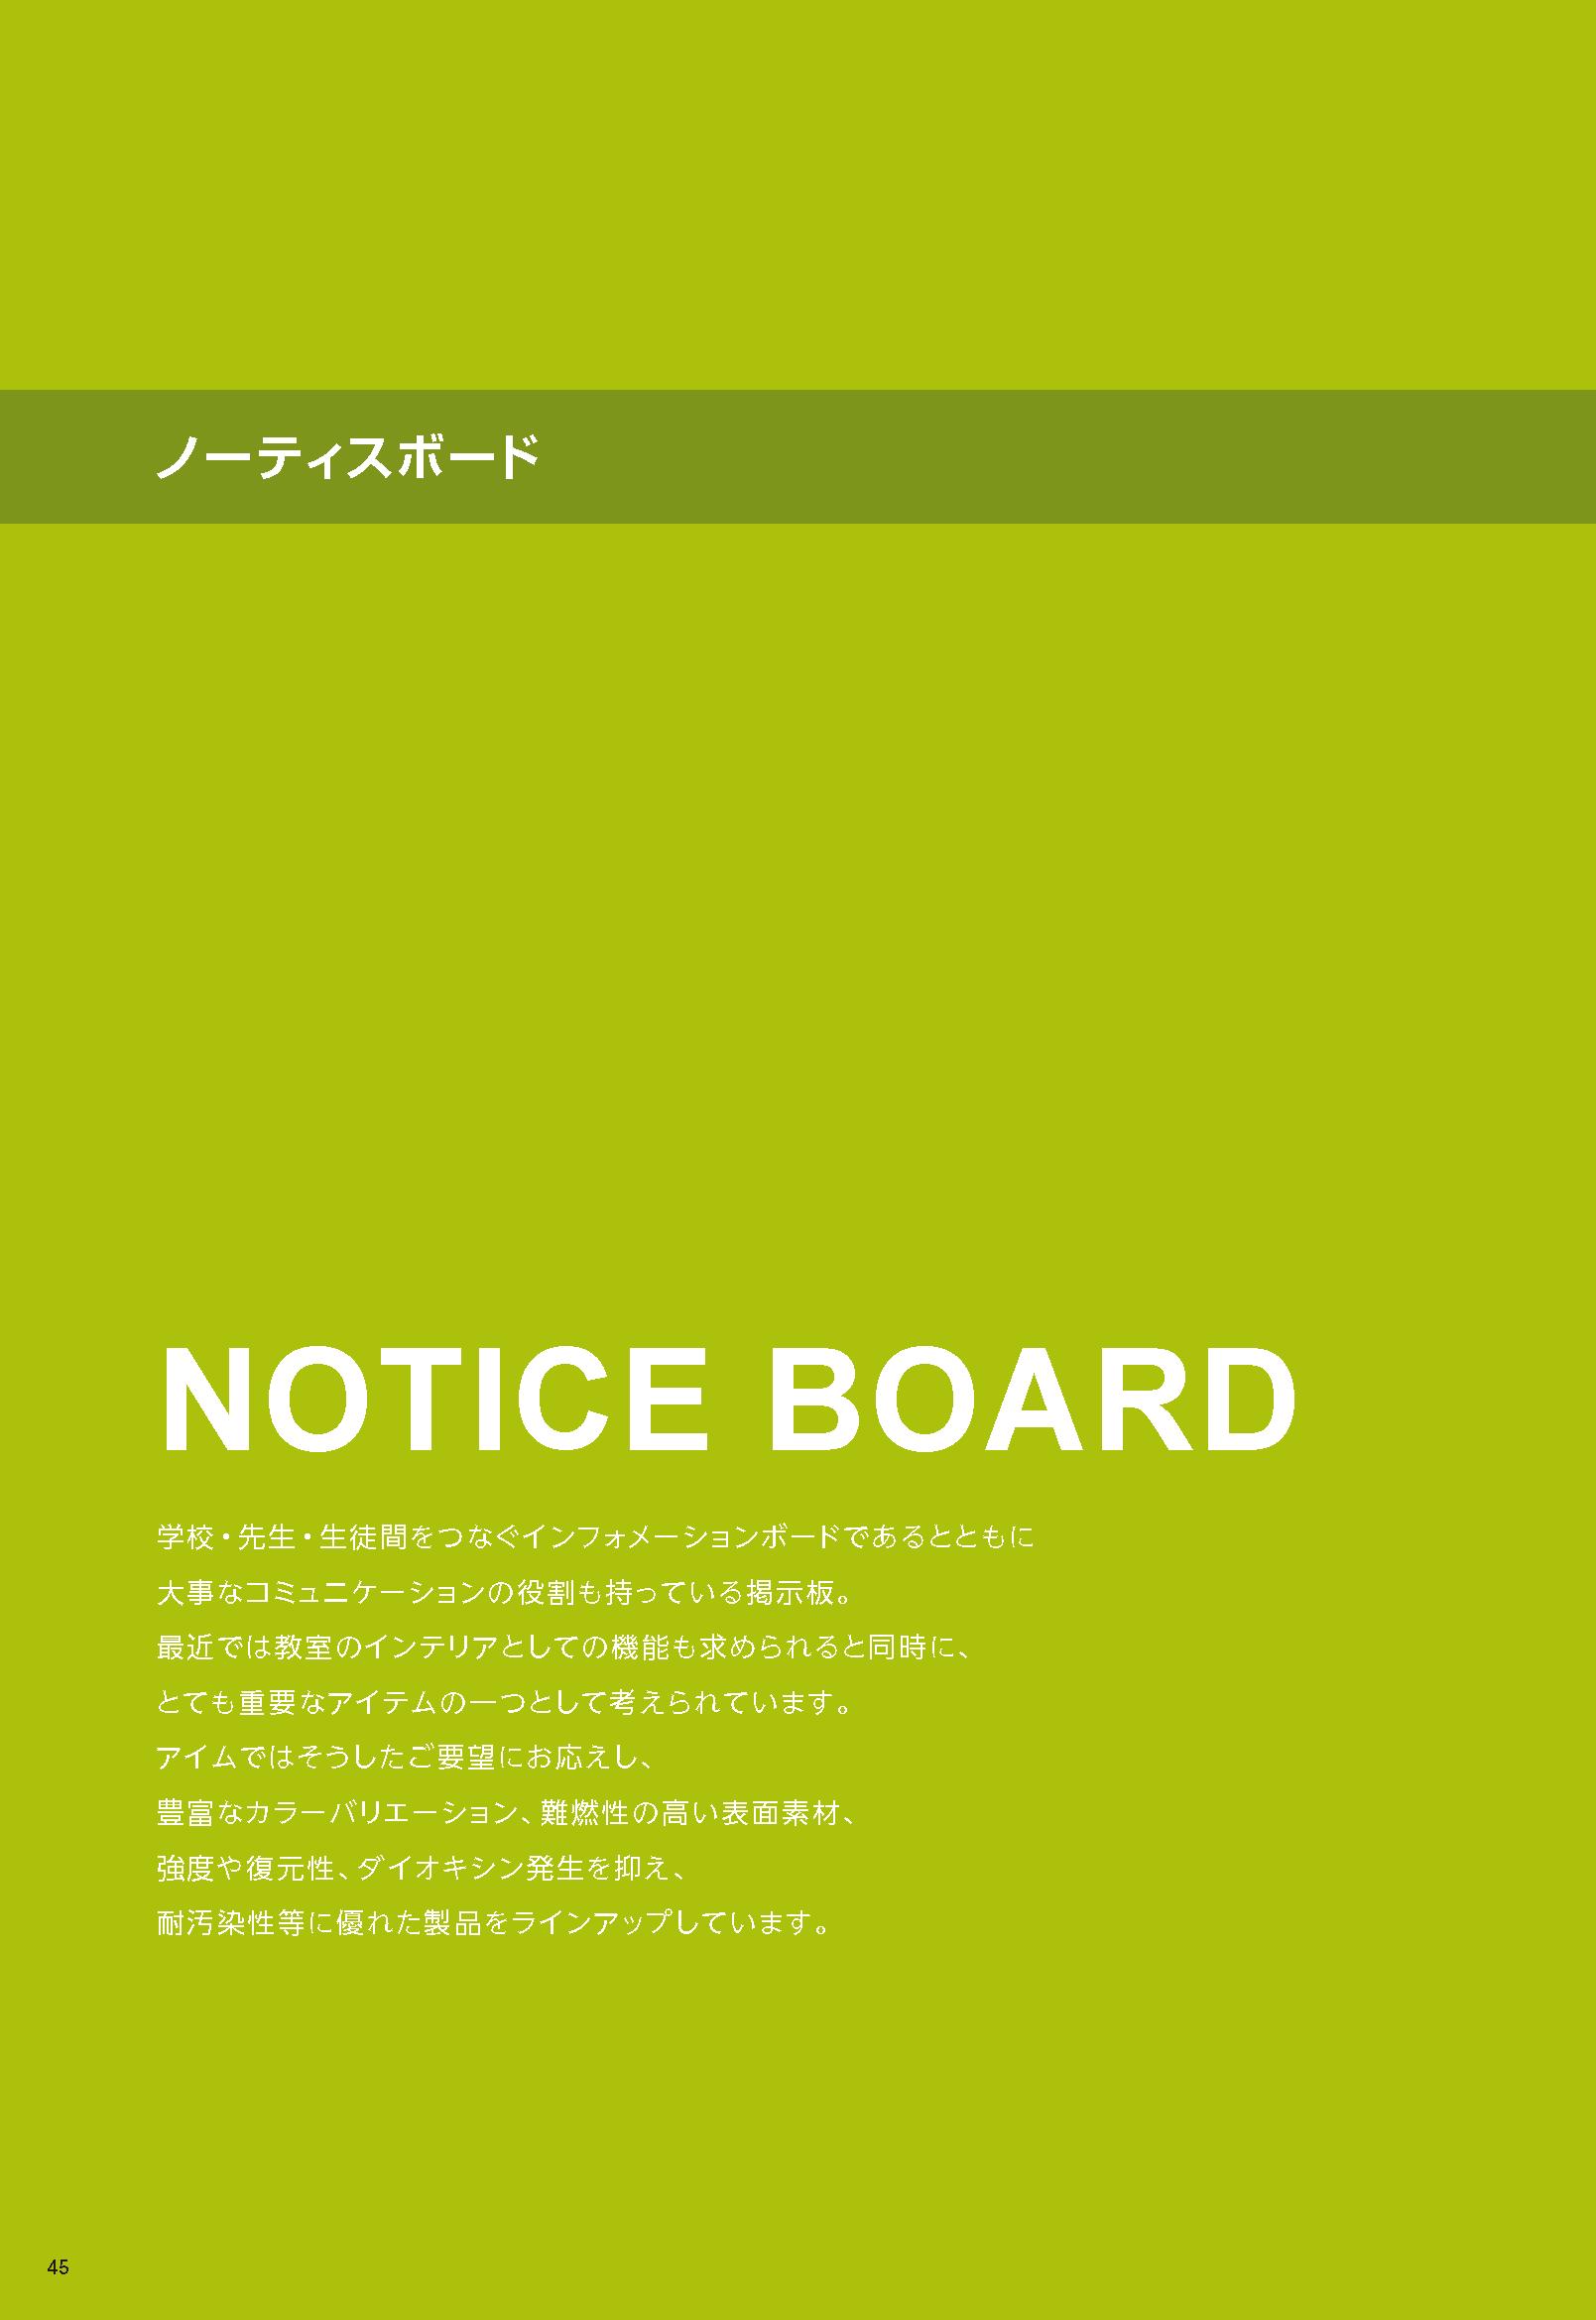 アイム カタログ「黒板・掲示板」 ノーティスボード